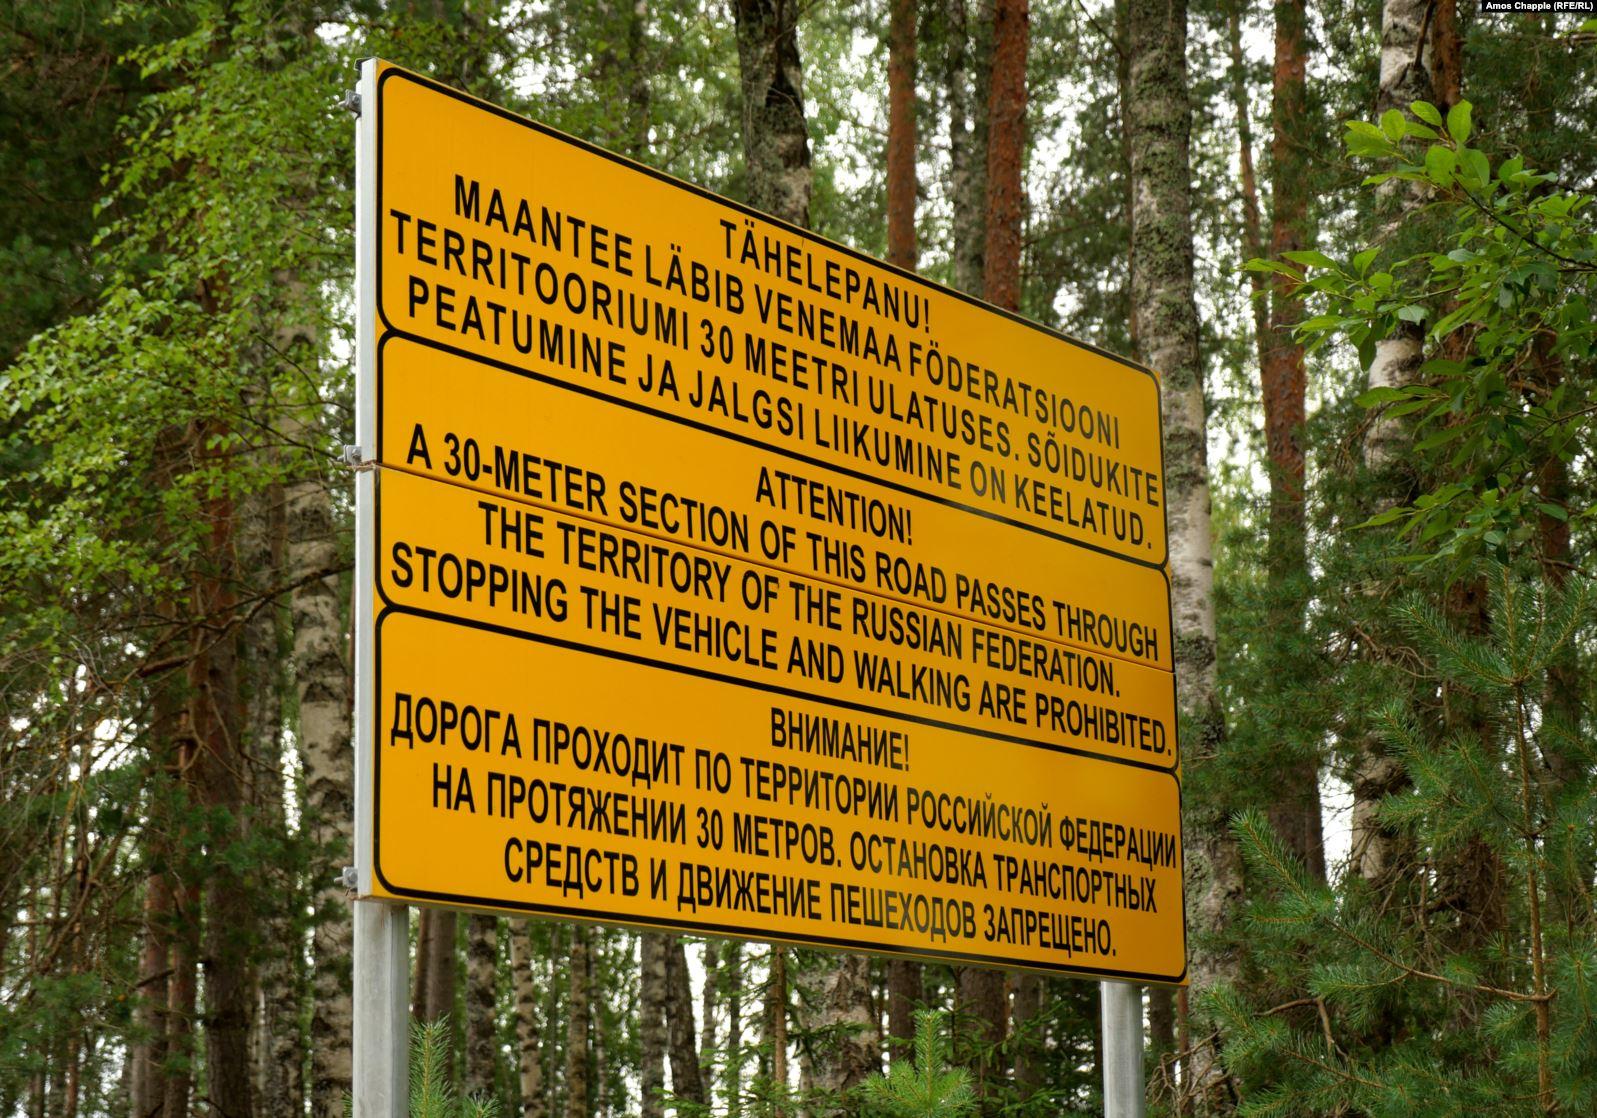 لافتة تحذيرية: 30 مترا من الطريق يعبر منطقة تابعة لروسيا يمنع فيها التوقف أو المسير على الأقدام